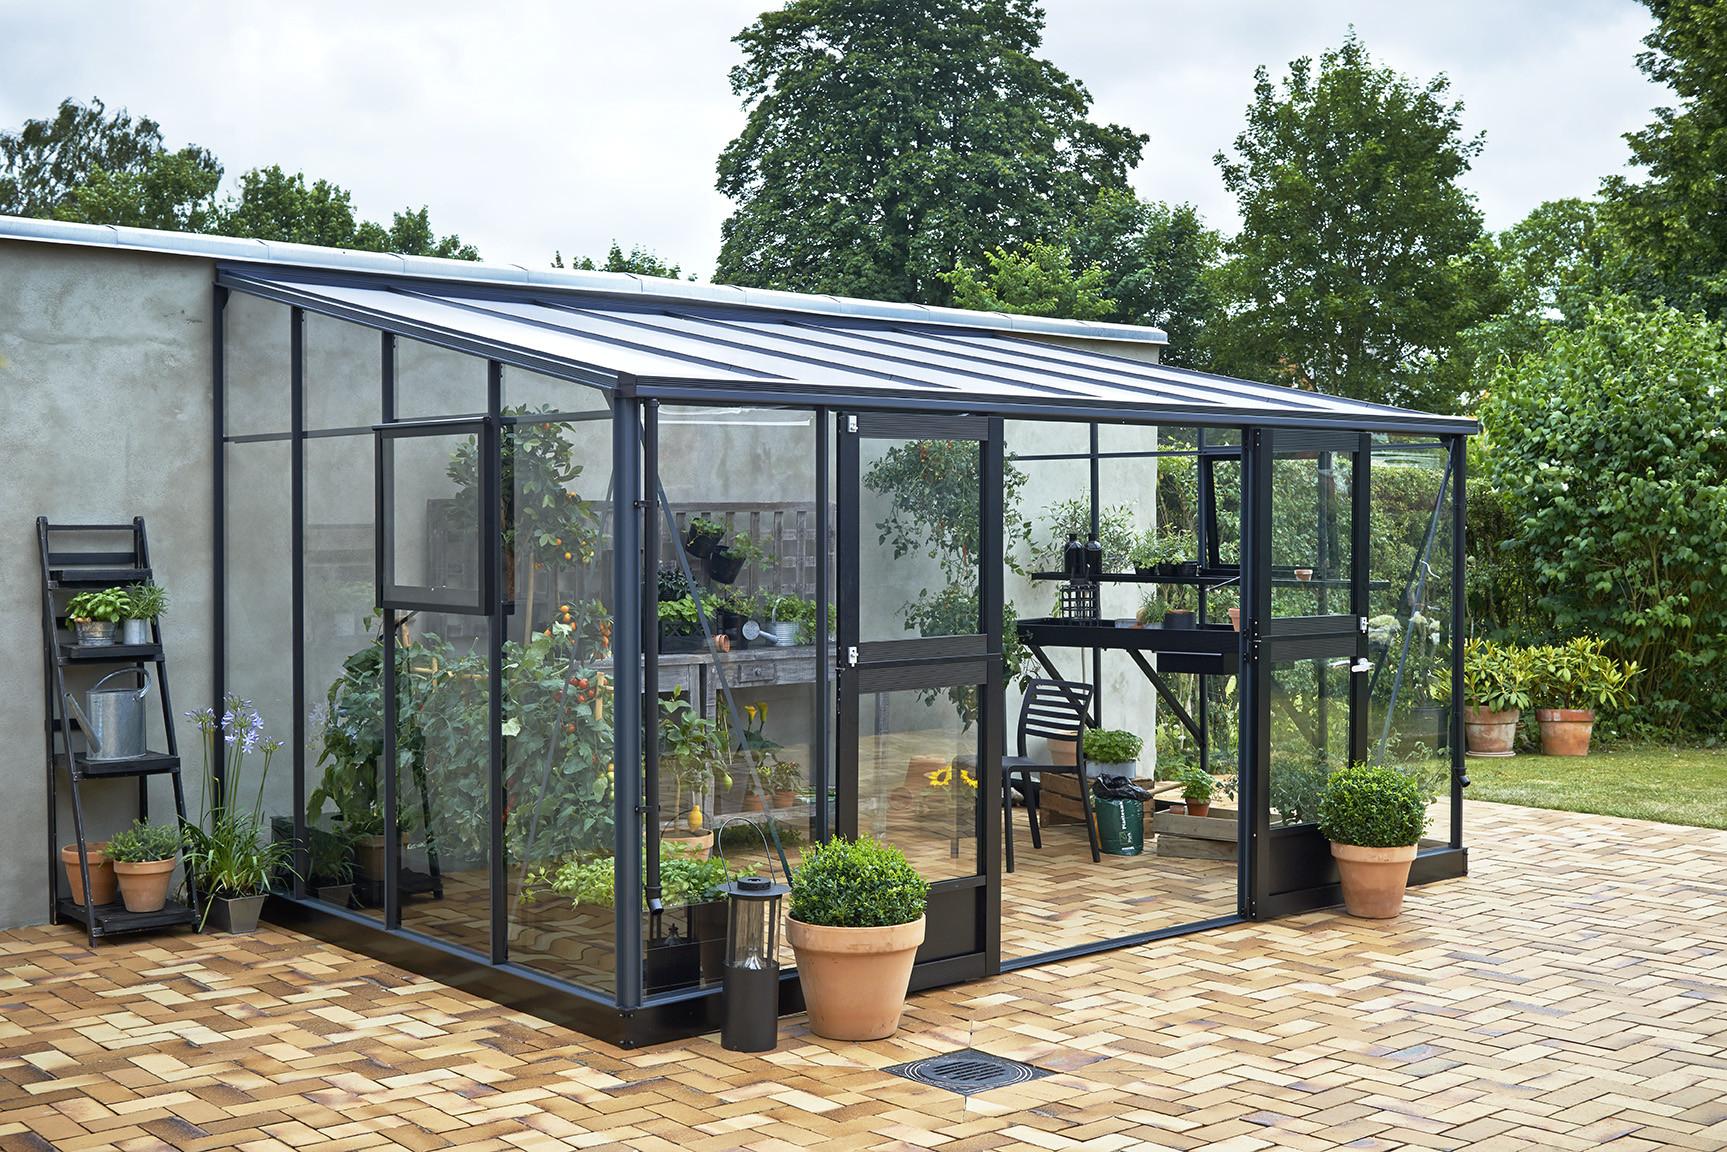 Fabriquer Serre De Jardin Polycarbonate Impressionnant Image Castorama Serre De Jardin Polycarbonate – Acorelisfo